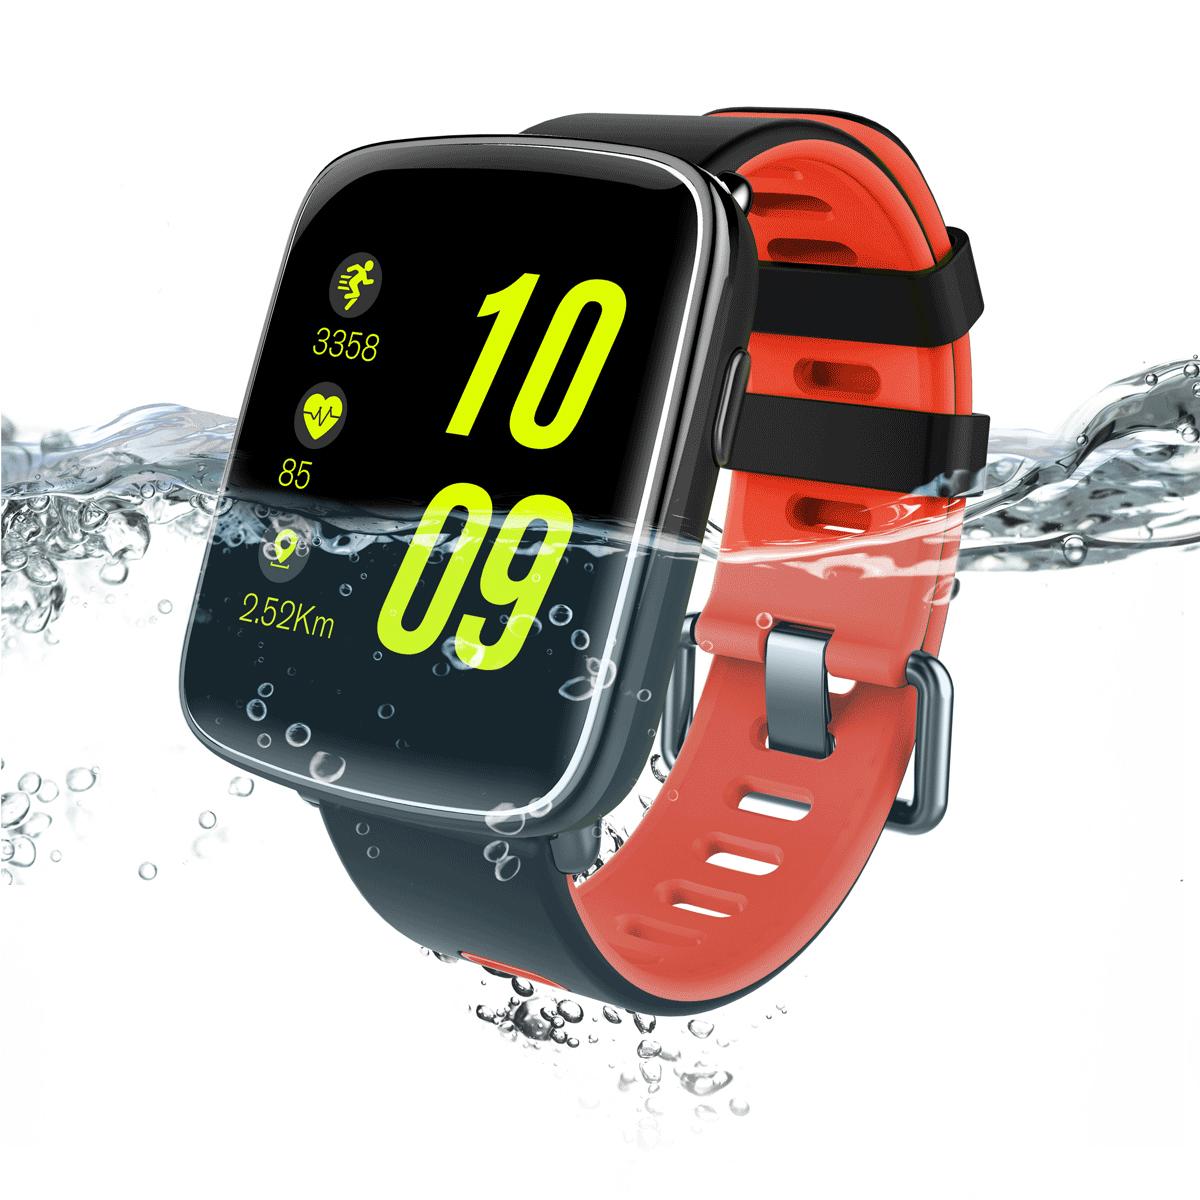 Tìm hiểu về đồng hồ thông minh Smartwatch - Quantrimang.com